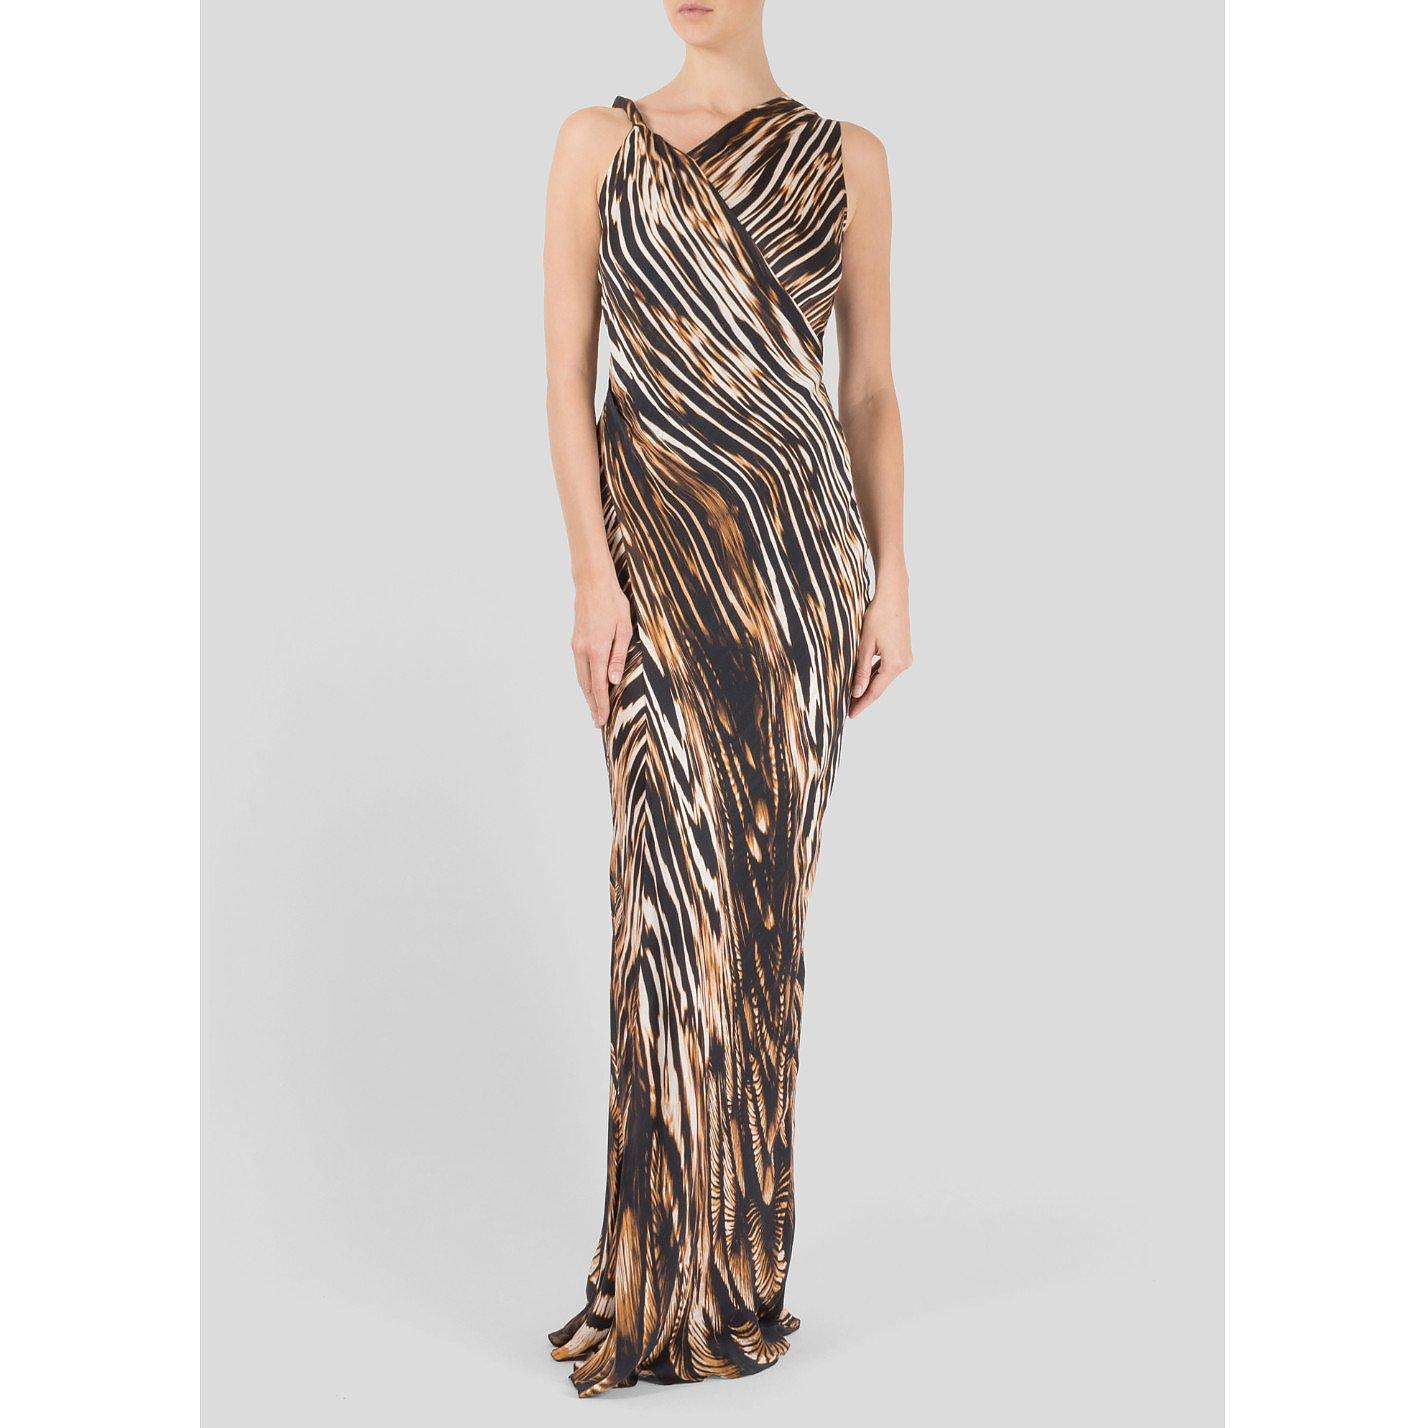 Amanda Wakeley Silk Safari Print Dress